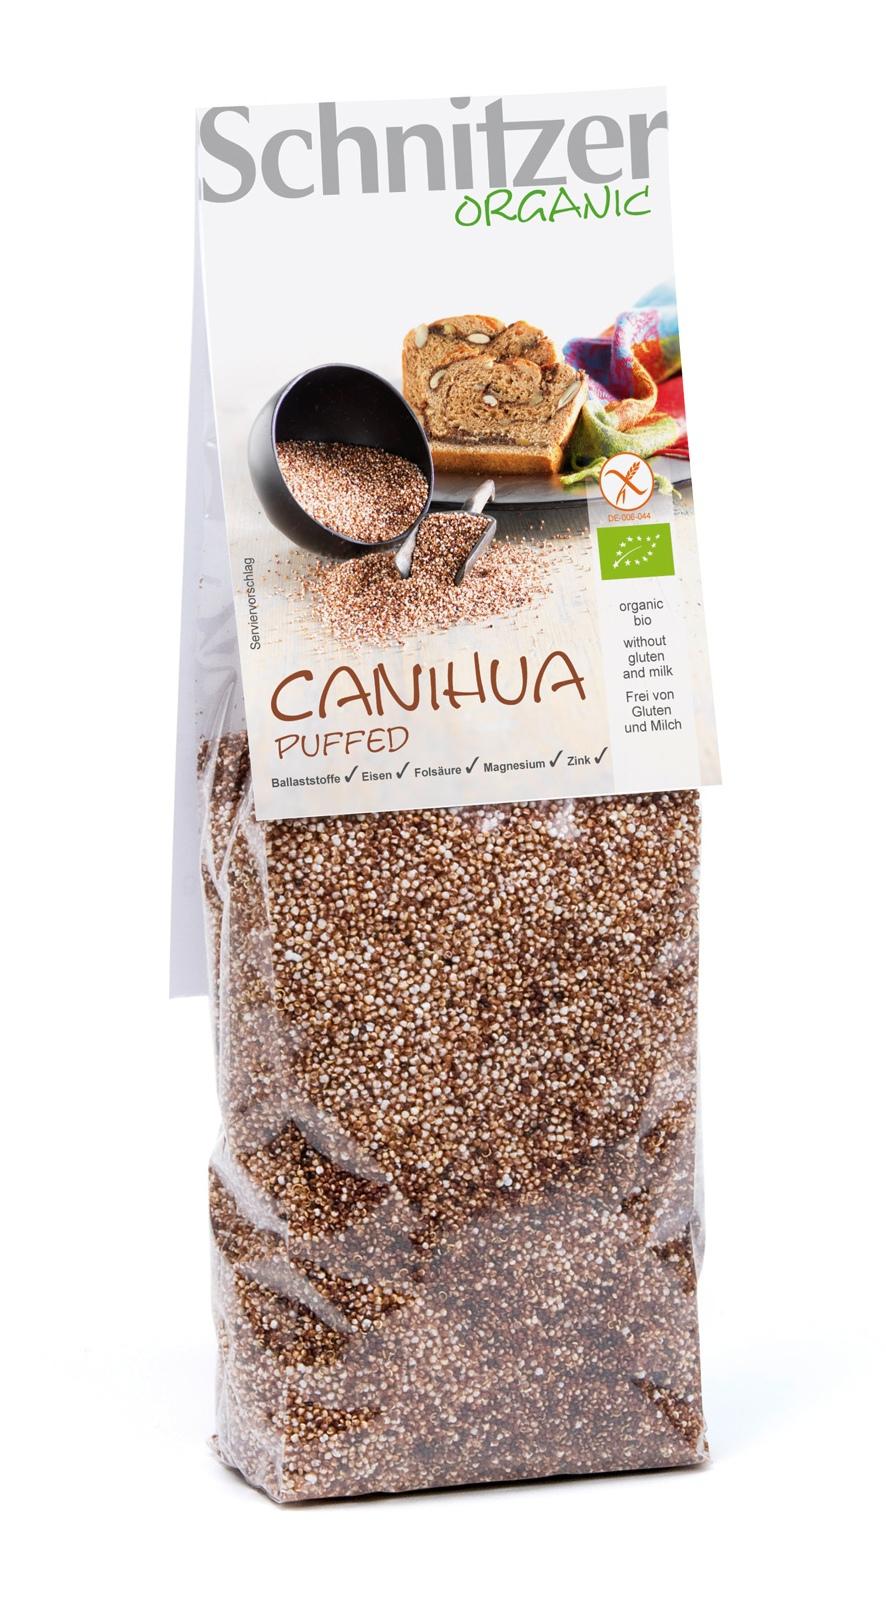 Prażone ziarna Canihua - bezglutenowe i elokogiczne